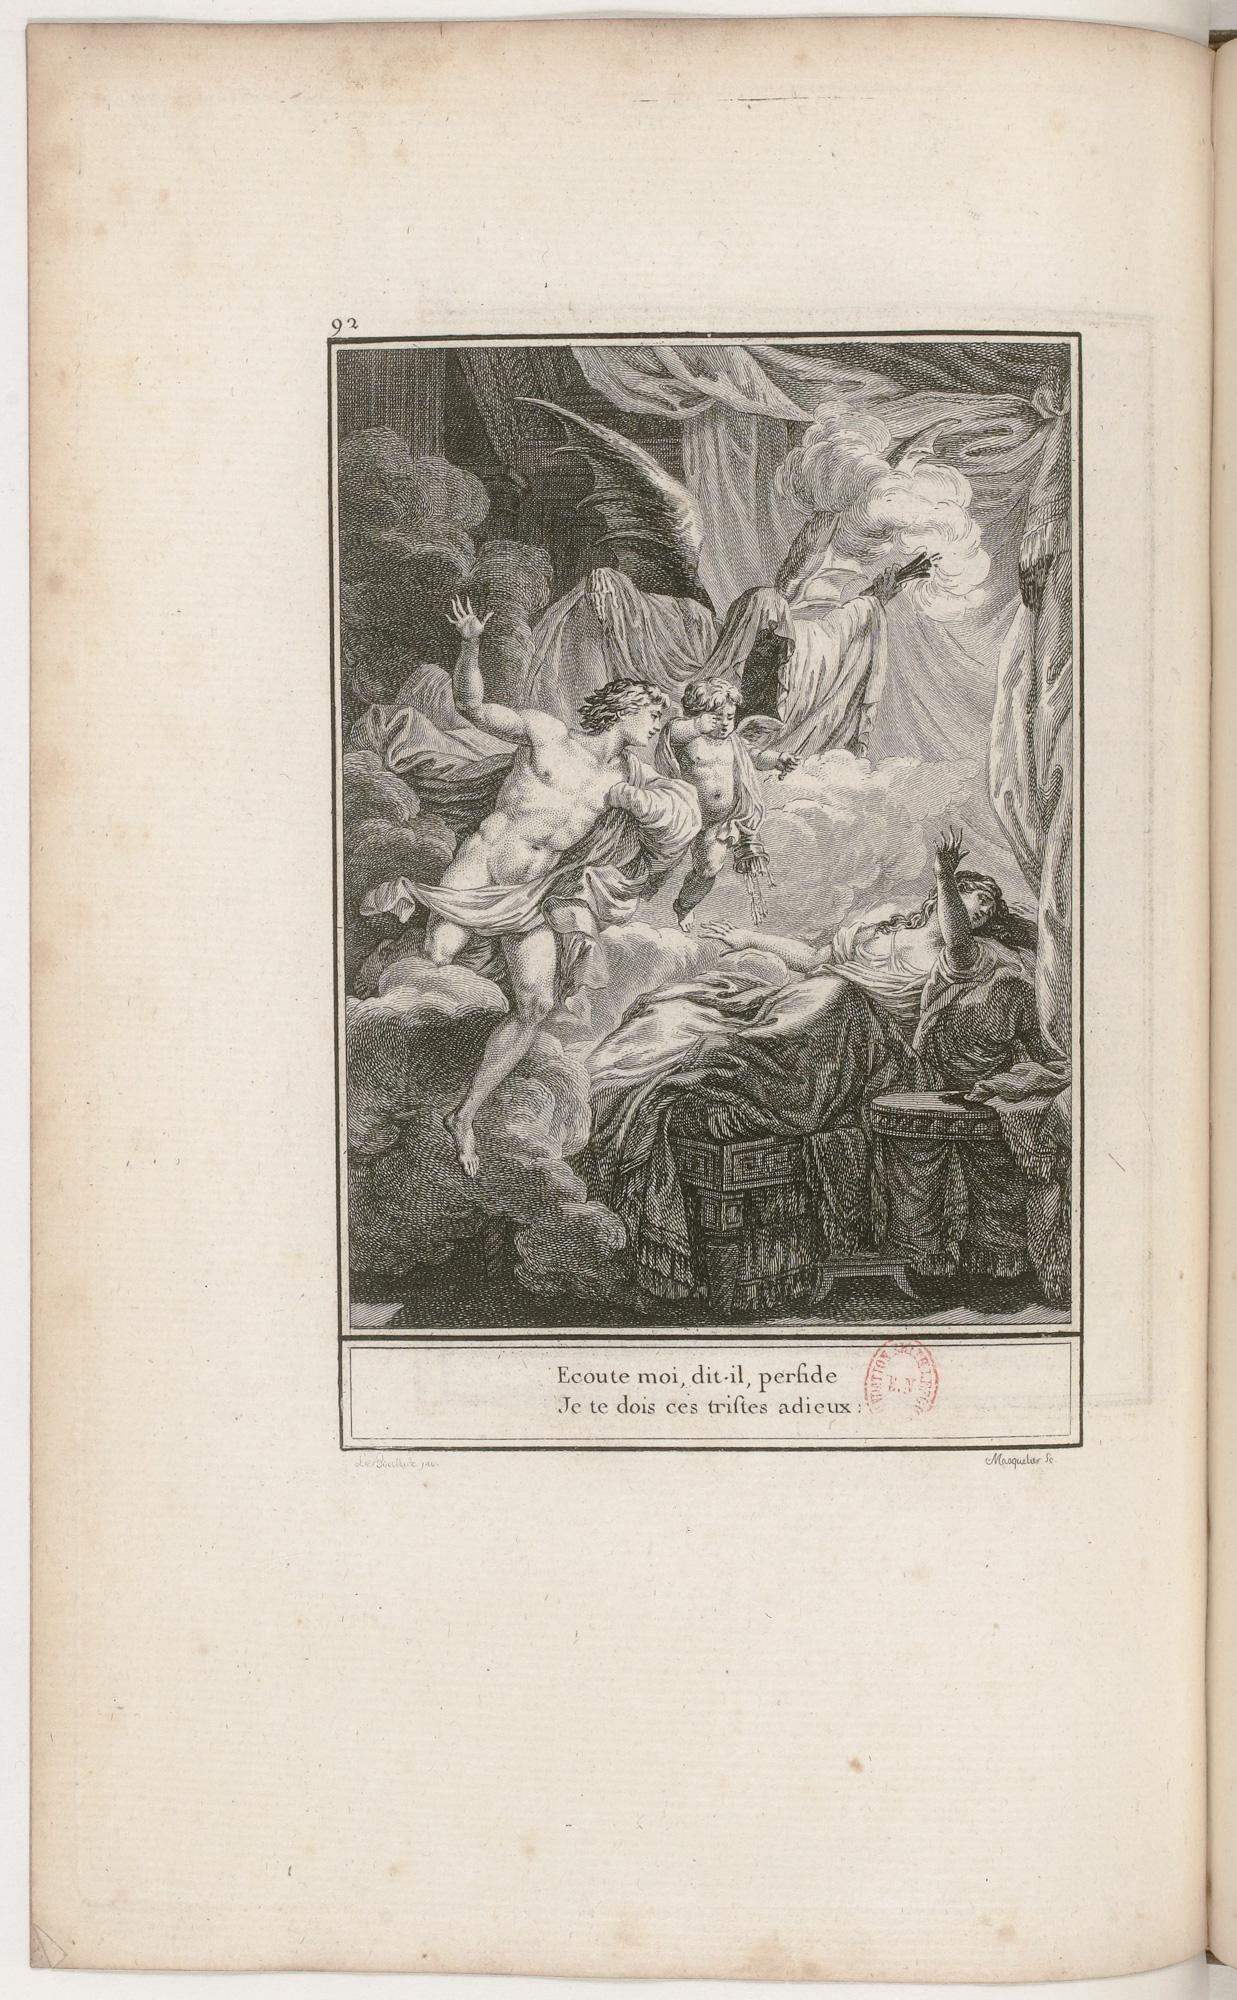 S.2.16 L'ombre d'Hylas,1772, Image